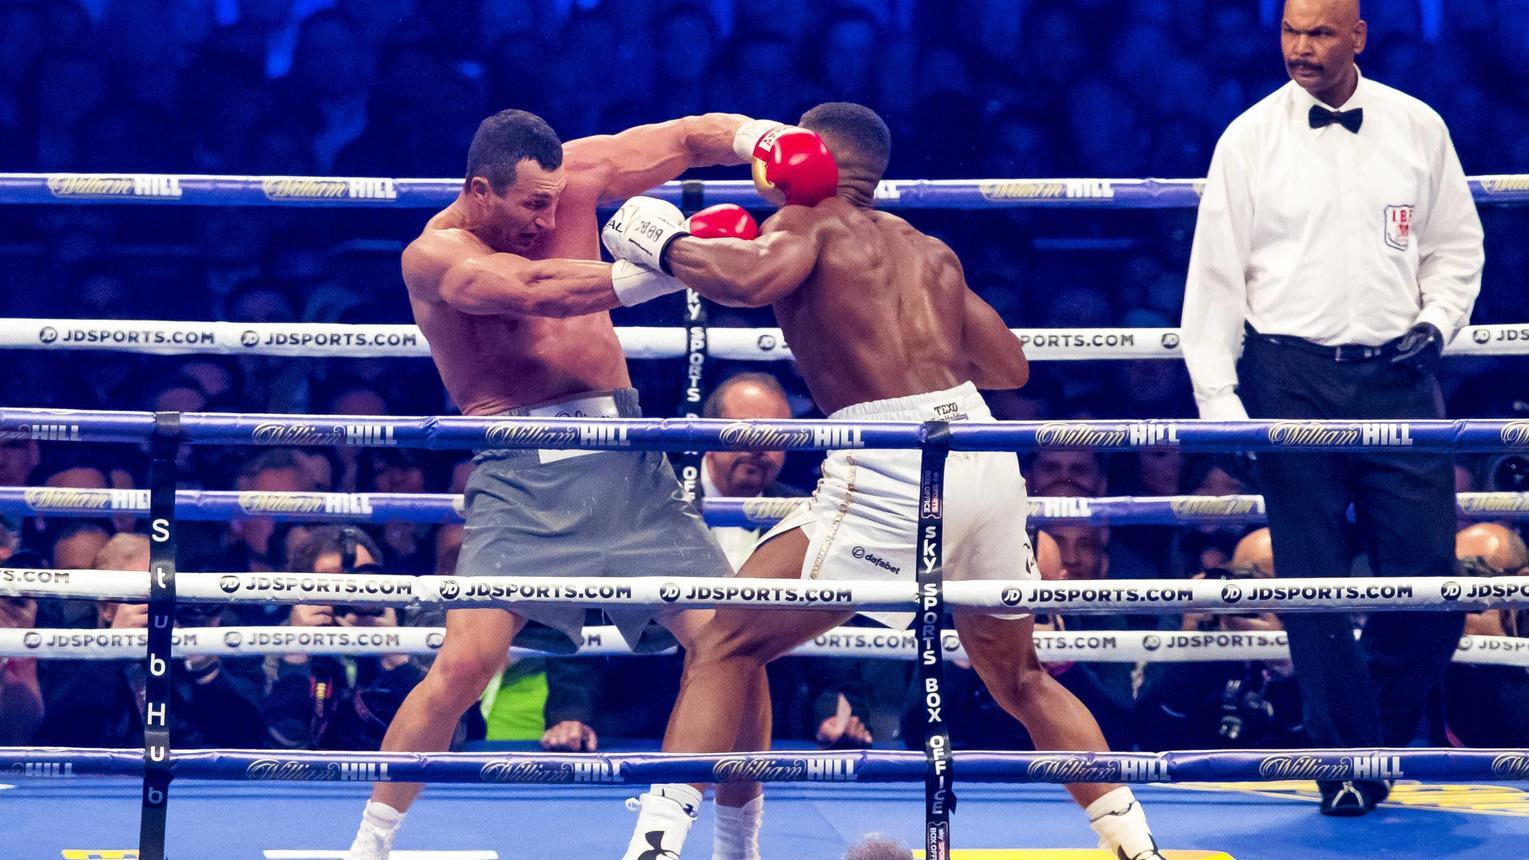 Boxen So Spektakulär War 5 Runde Zwischen Anthony Joshua Und